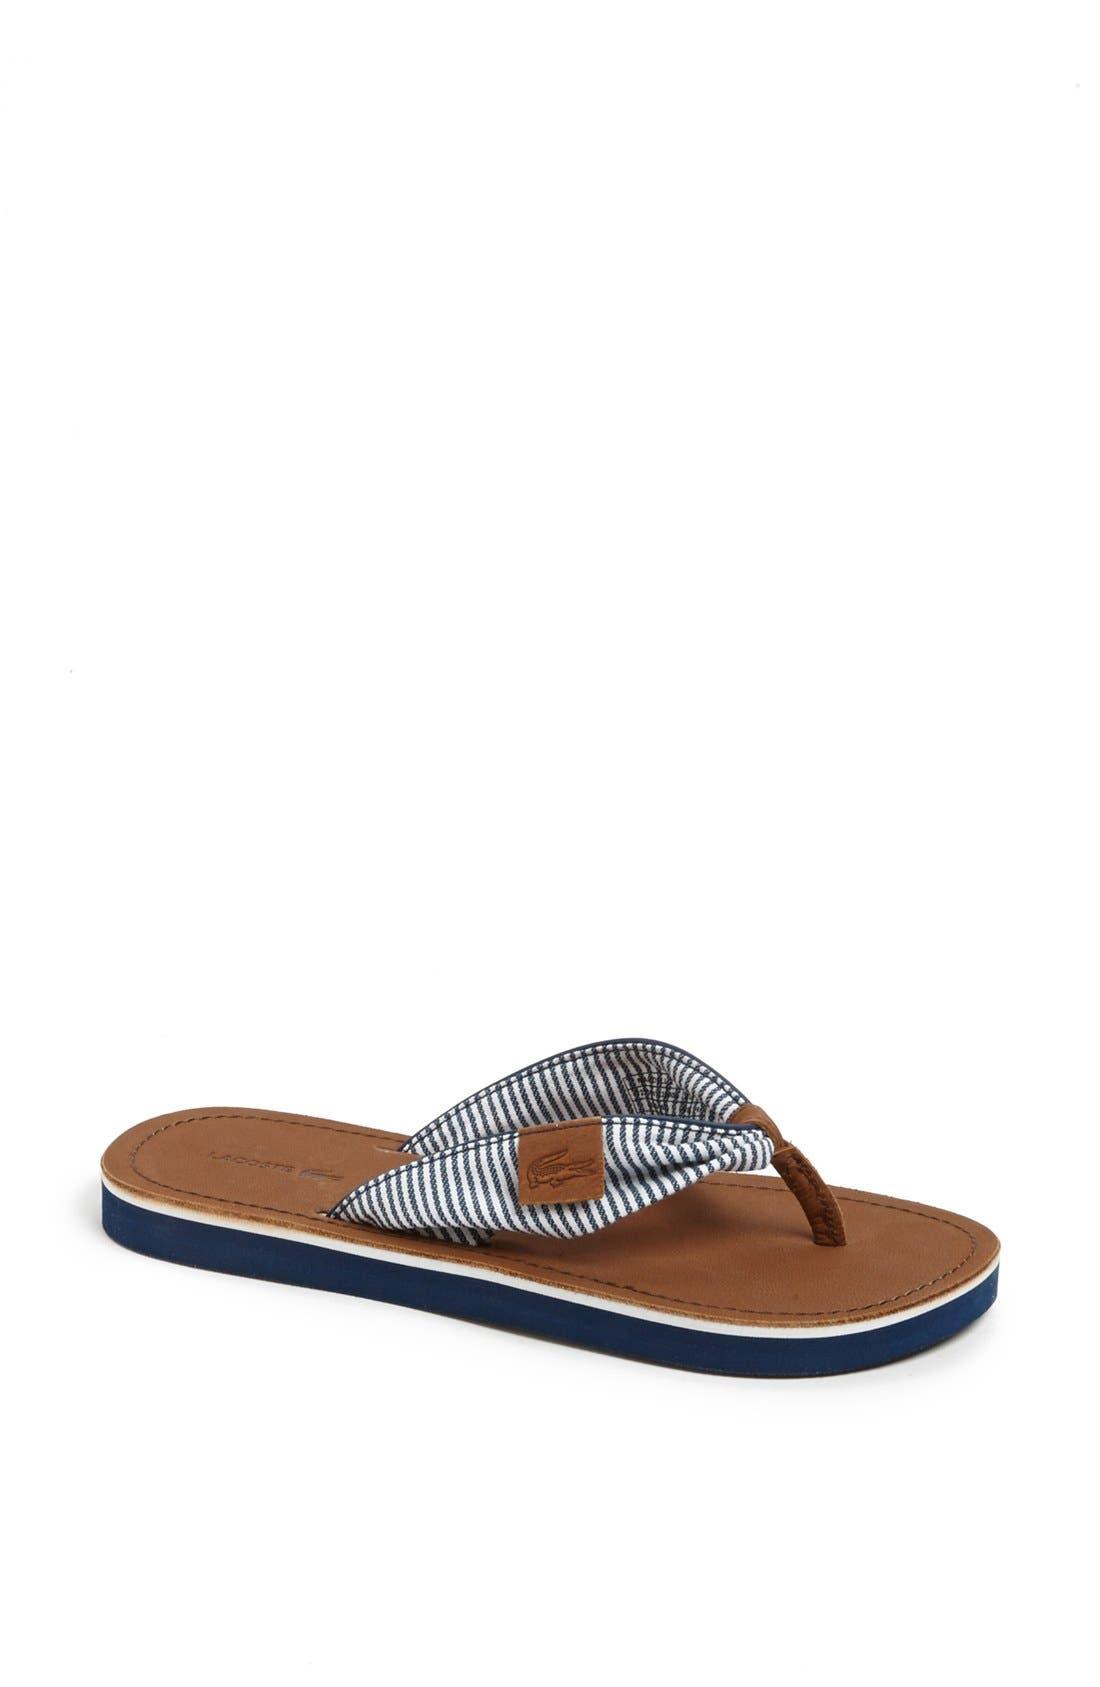 Main Image - Lacoste 'Maridell' Sandal